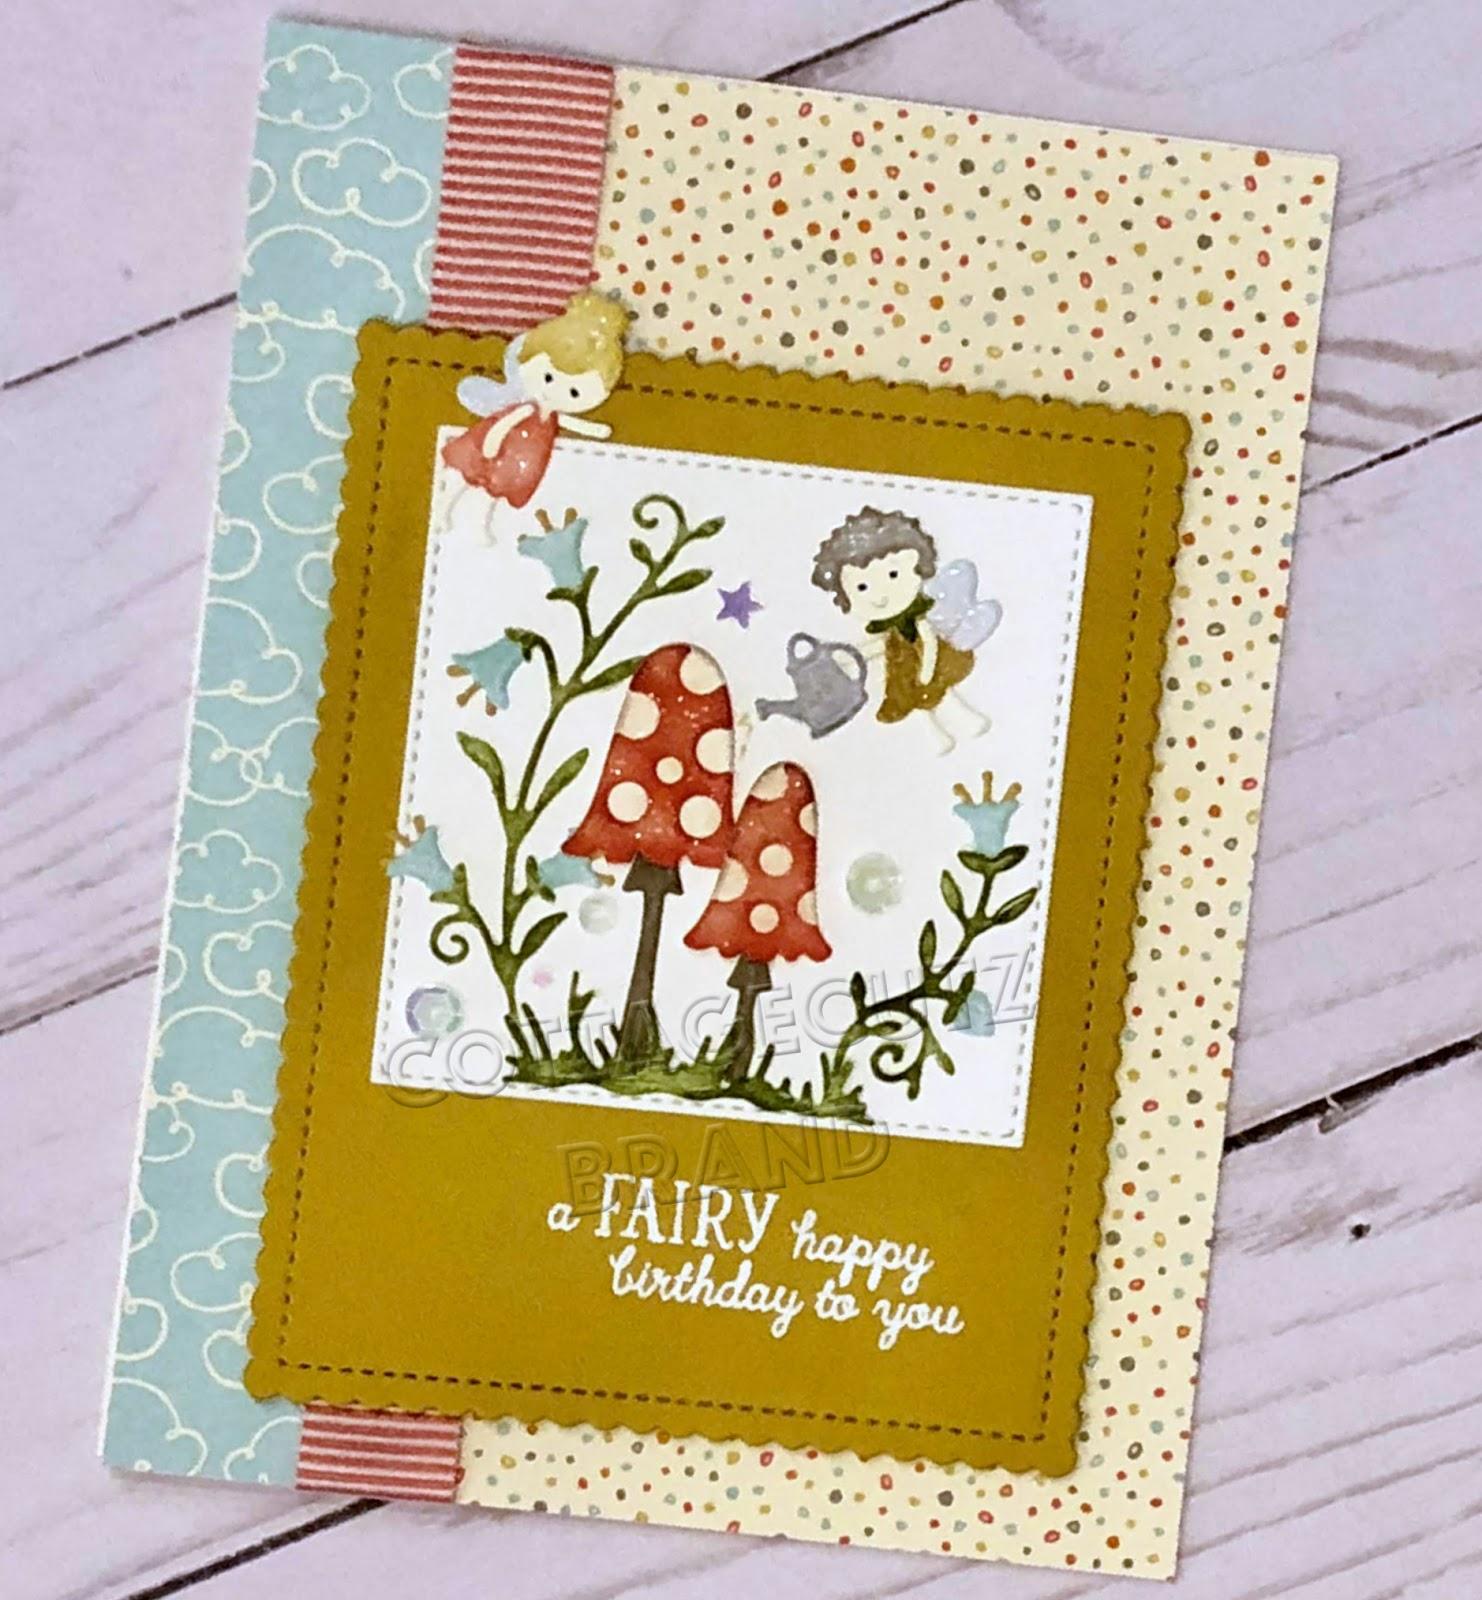 CottageCutz Fairy Garden Flowers에 대한 이미지 검색결과